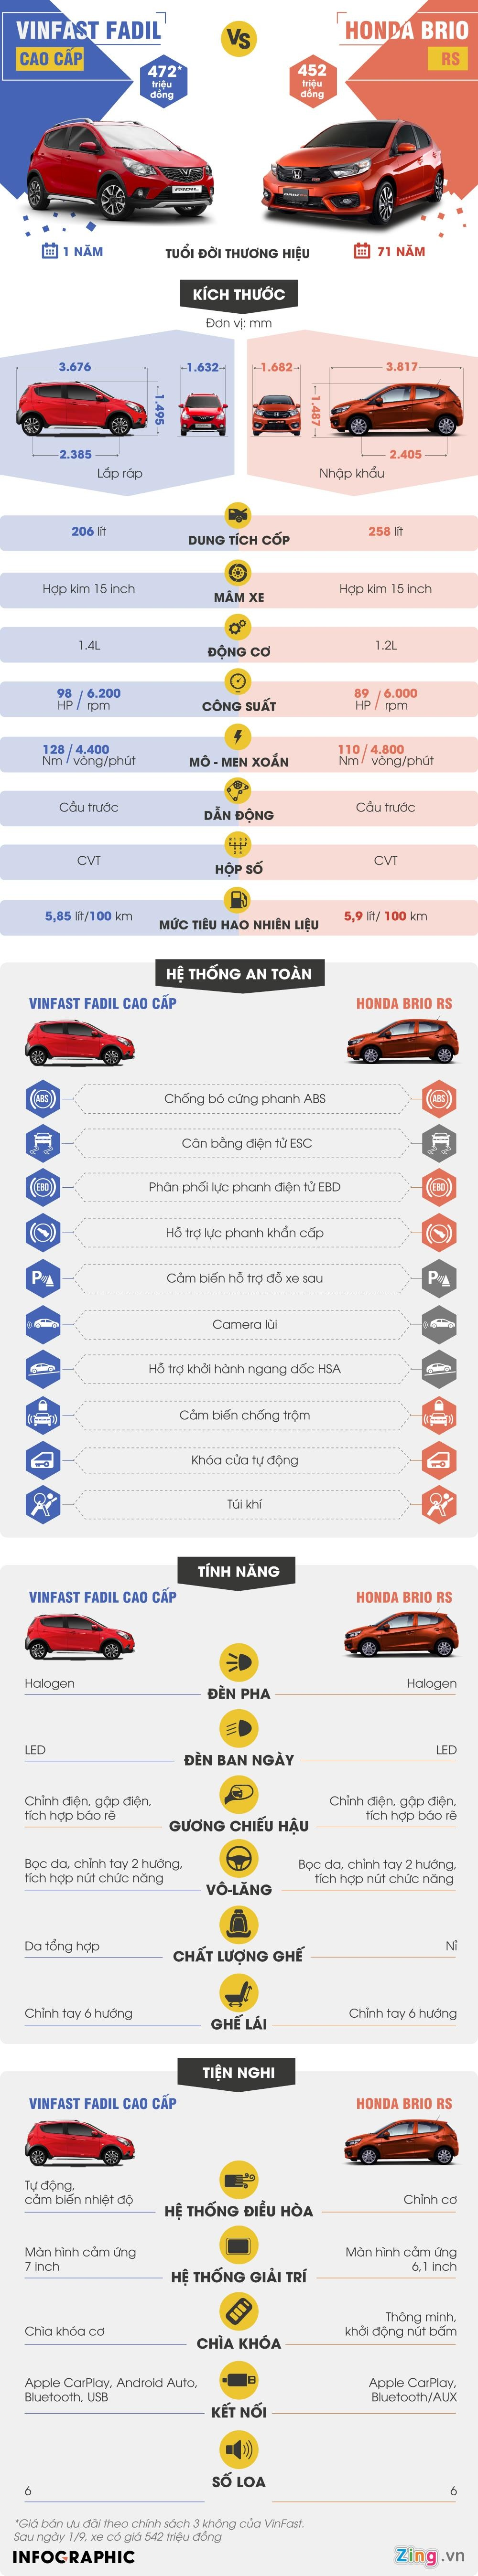 Mua xe hang A 'full option', chon VinFast Fadil hay Honda Brio RS? hinh anh 1